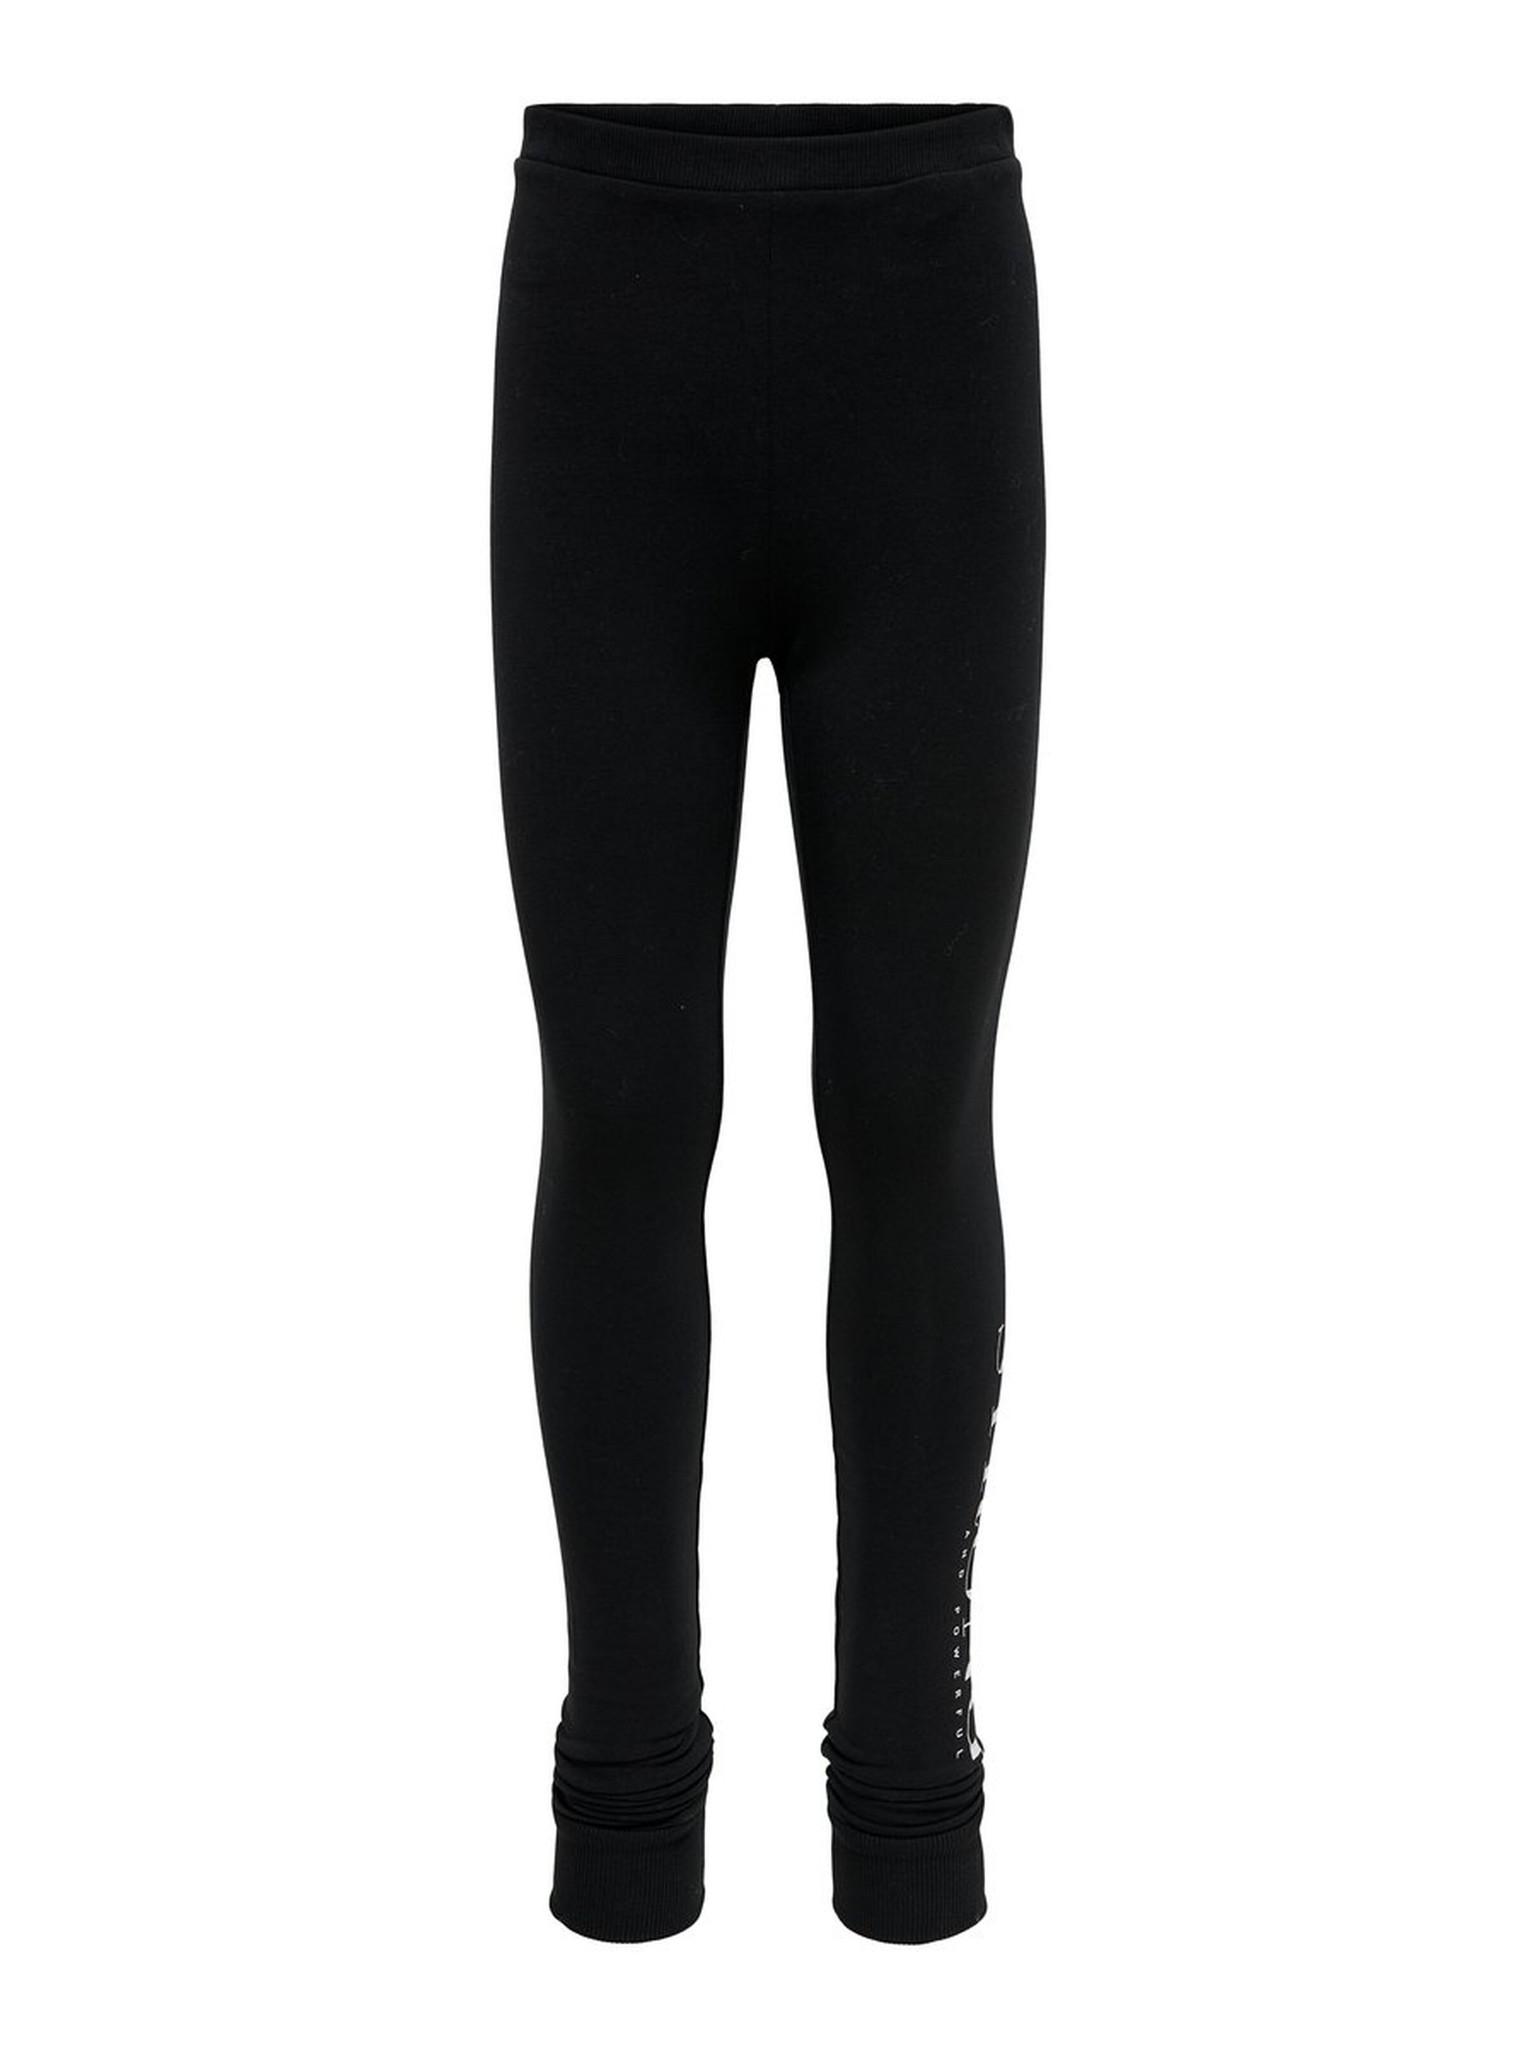 ONLY leggings basique-2